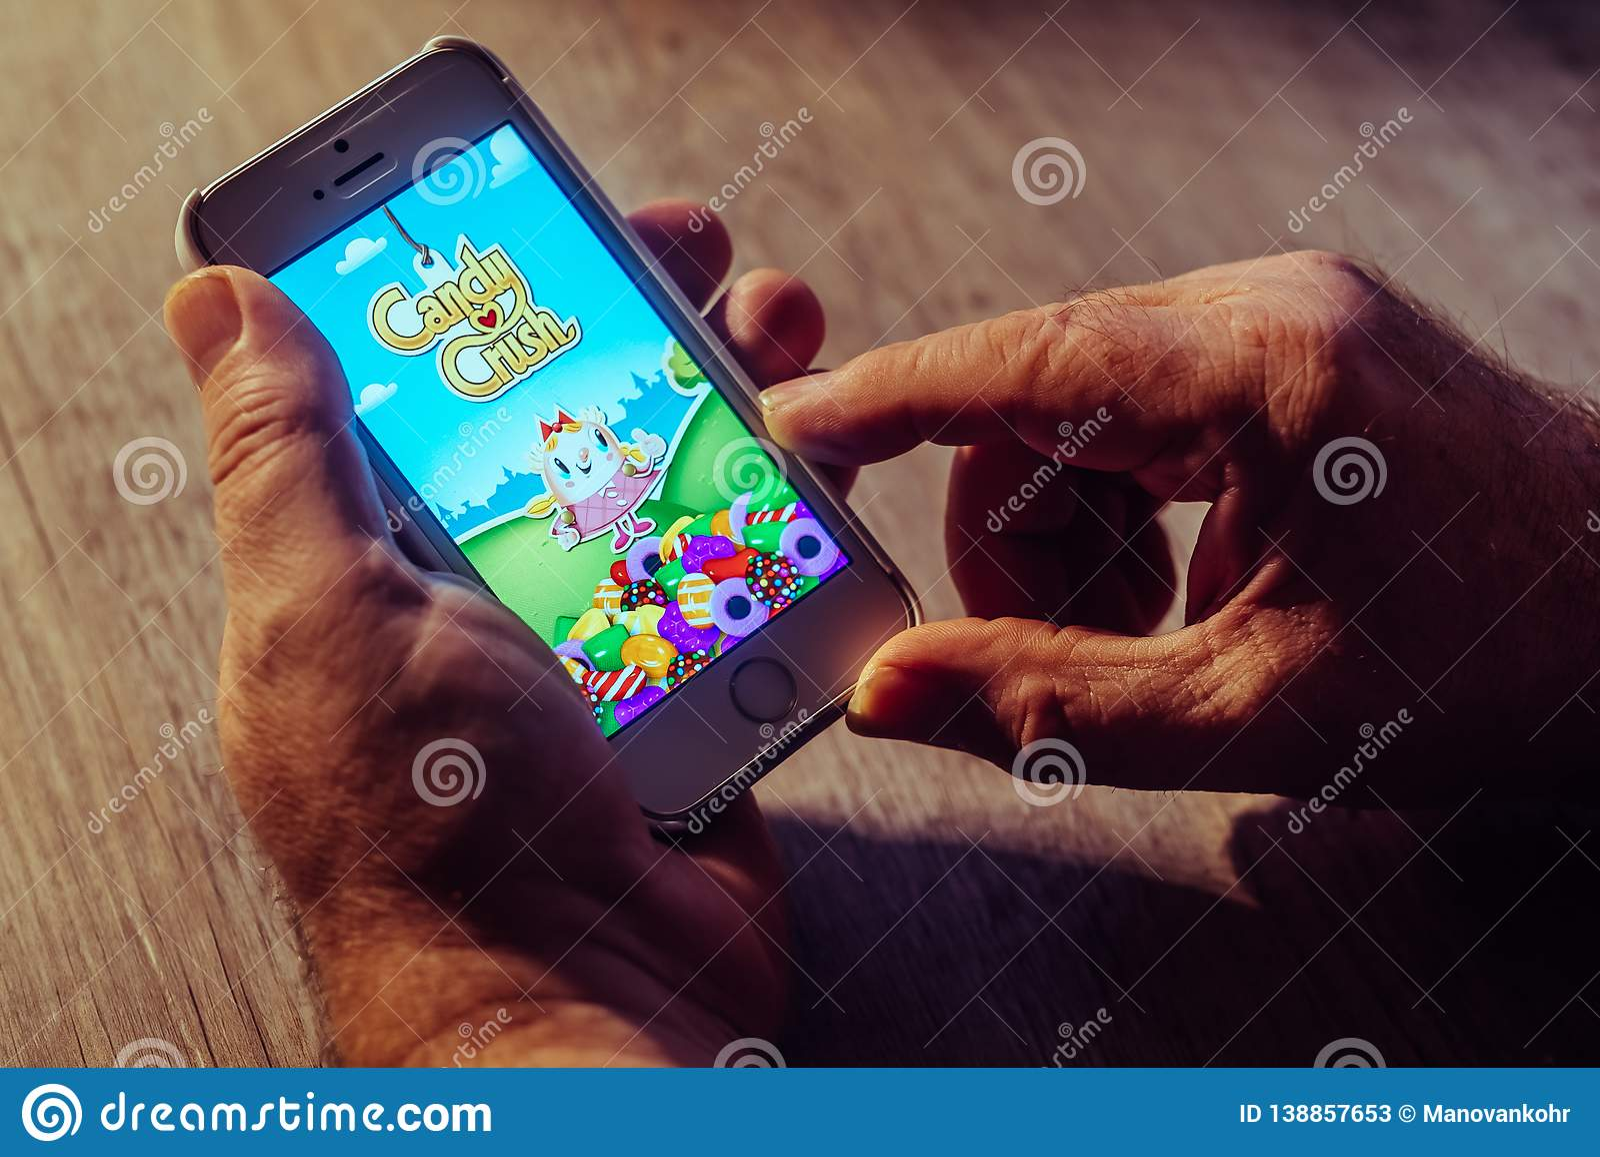 single app berlin amal clooney kennenlernen george